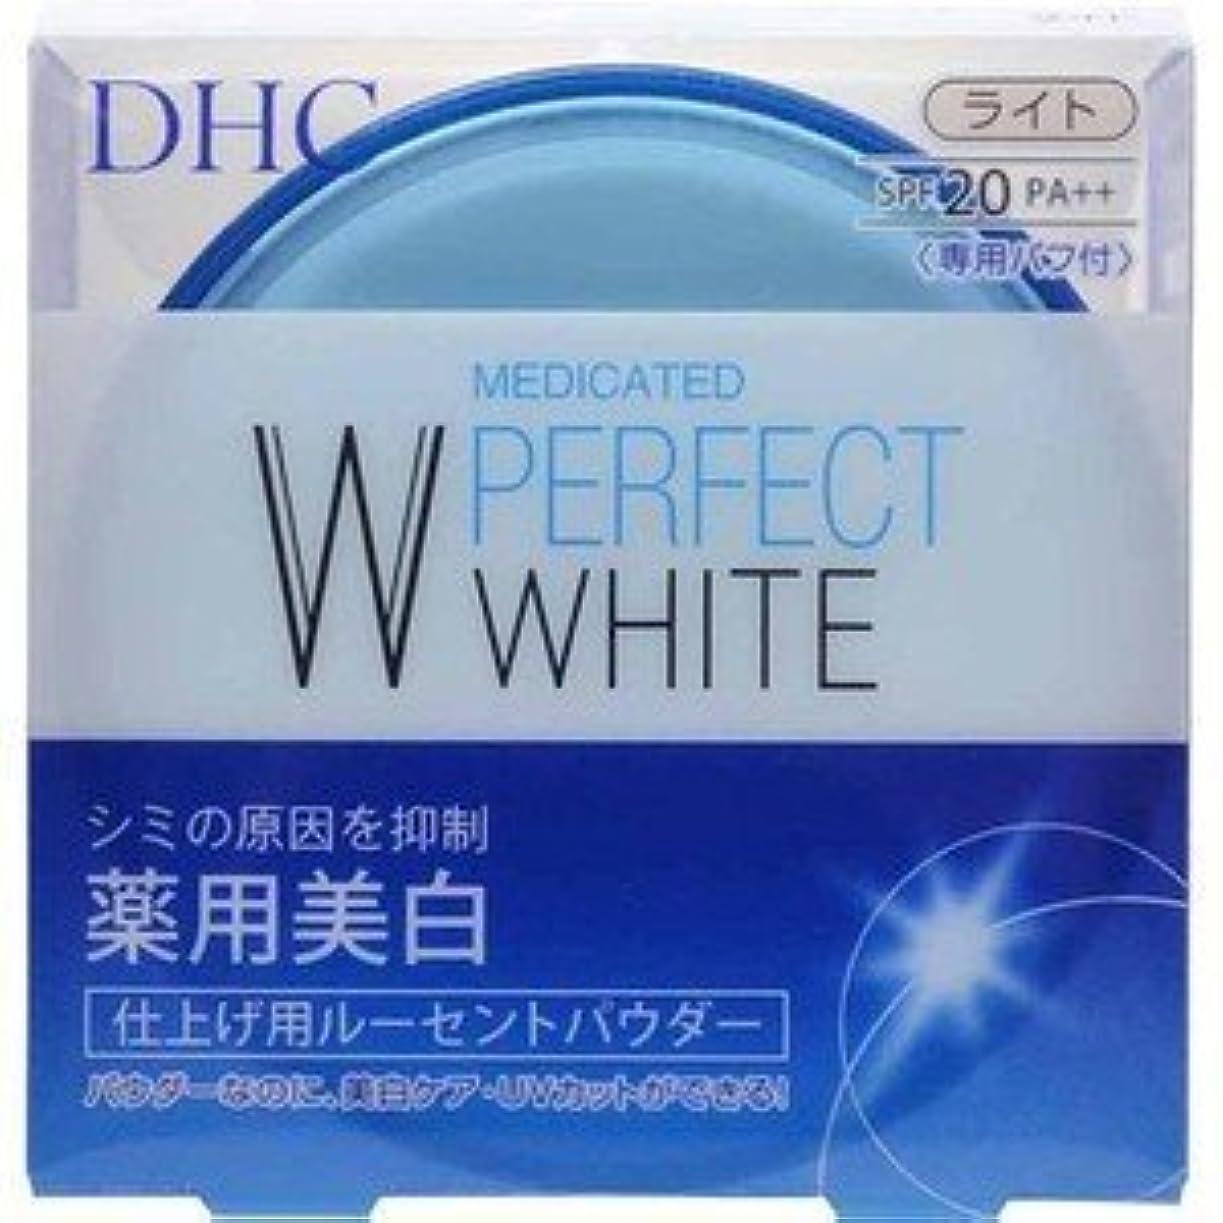 禁止警告する嫌なDHC 薬用パーフェクトホワイト ルーセントパウダー ライト 8g(医薬部外品)